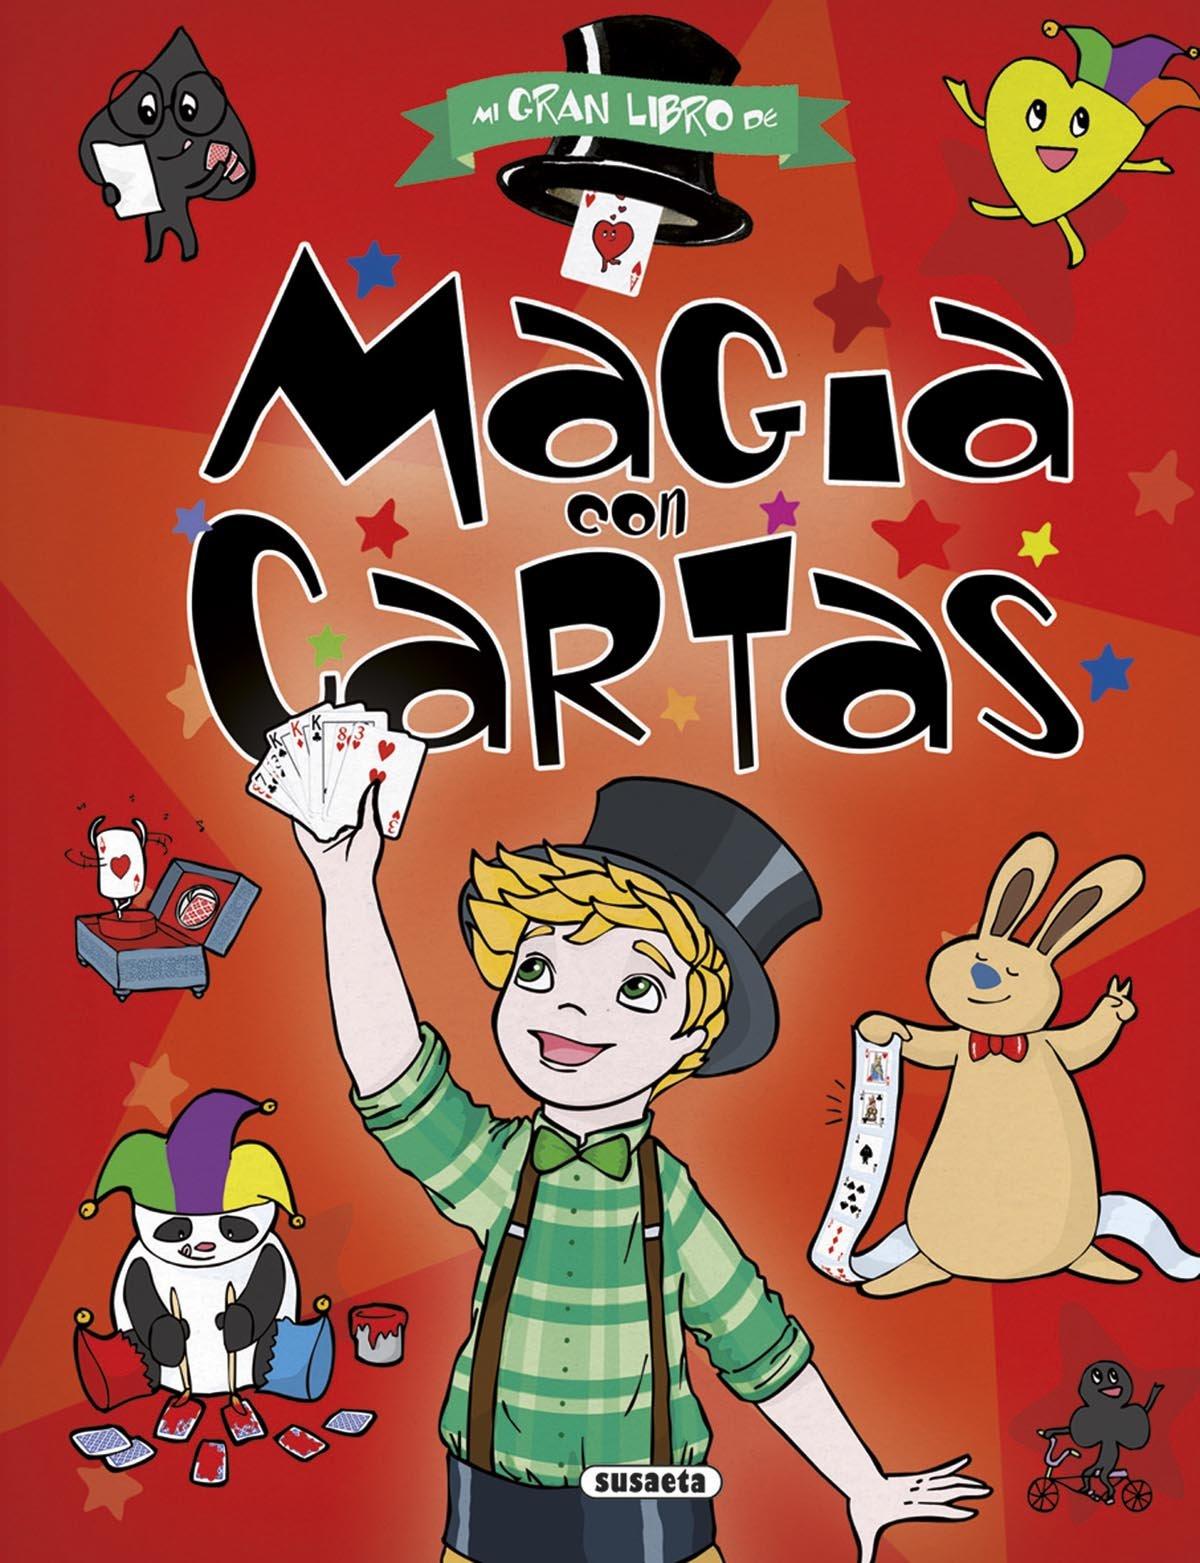 Mi gran libro de magia con cartas: Mar Benegas ...